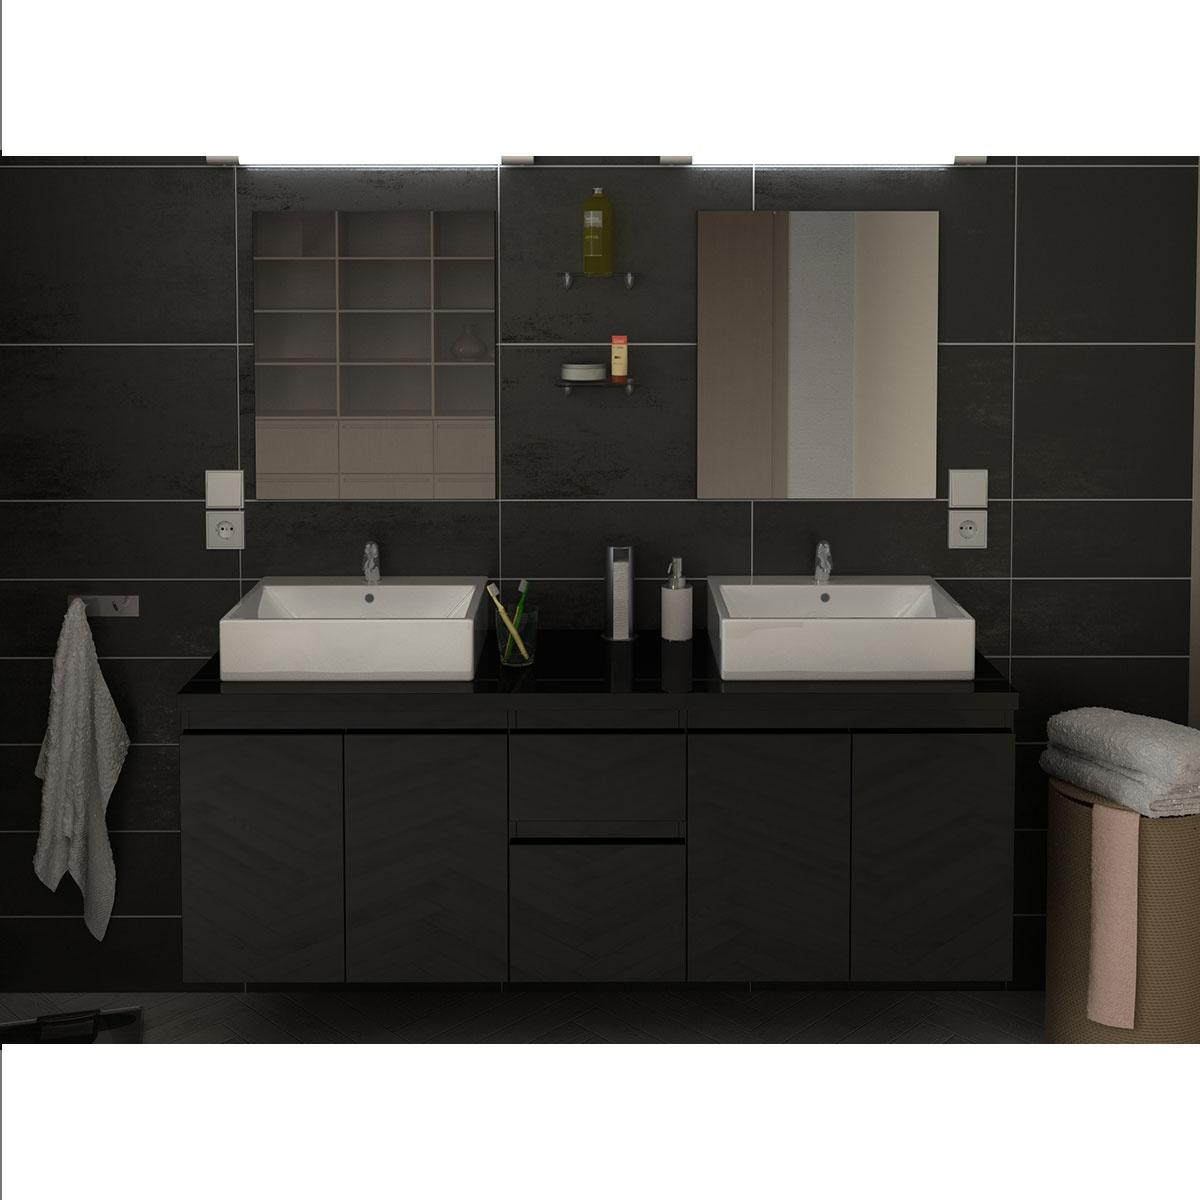 Meubles et vasques de salle de bain en 150 cm  (Noir)